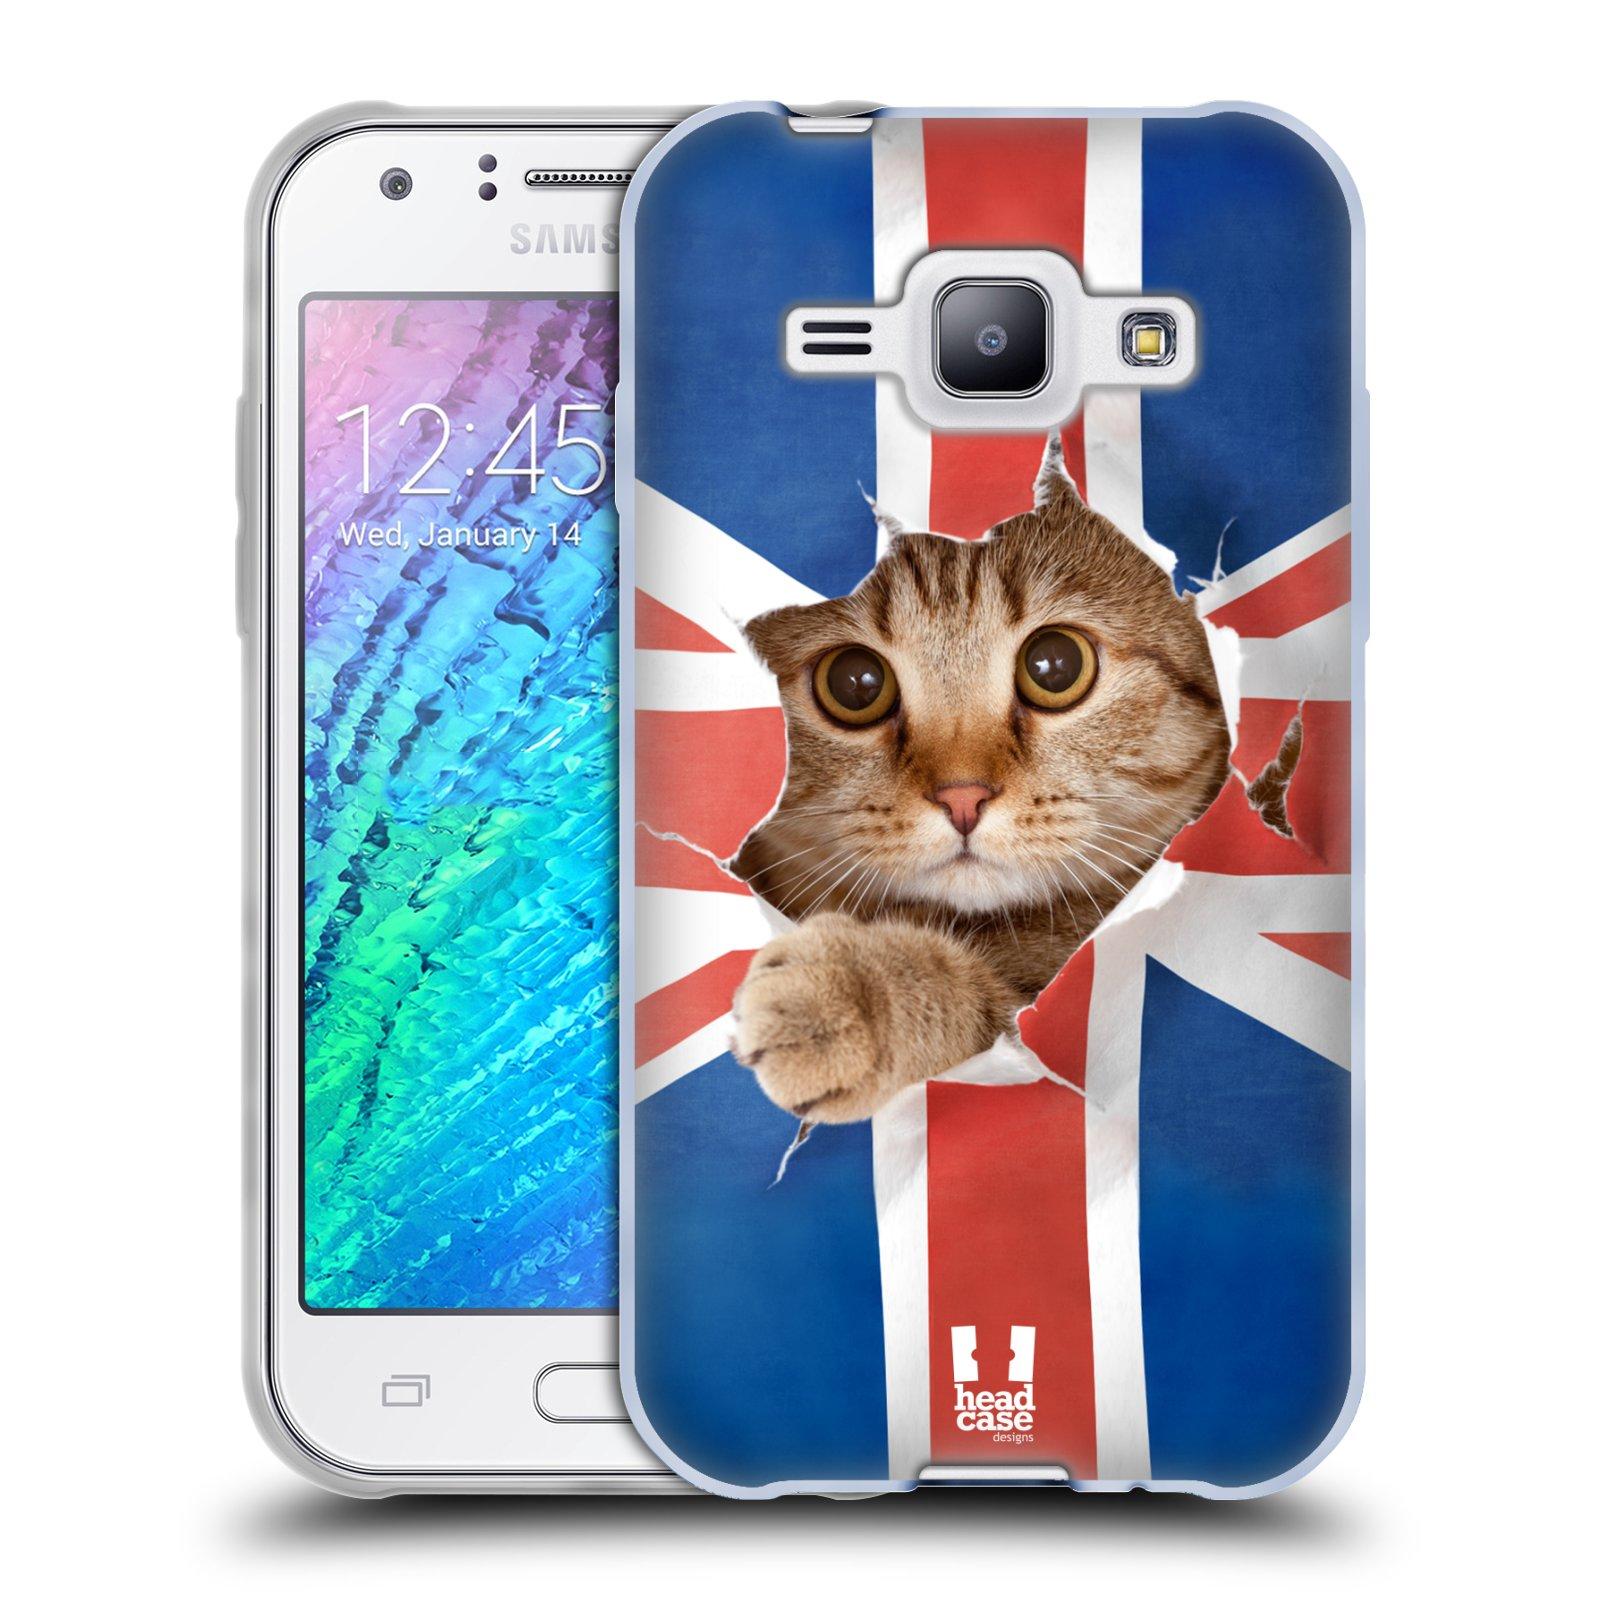 Silikonové pouzdro na mobil Samsung Galaxy J1 HEAD CASE KOČKA A VLAJKA (Silikonový kryt či obal na mobilní telefon Samsung Galaxy J1 a J1 Duos)